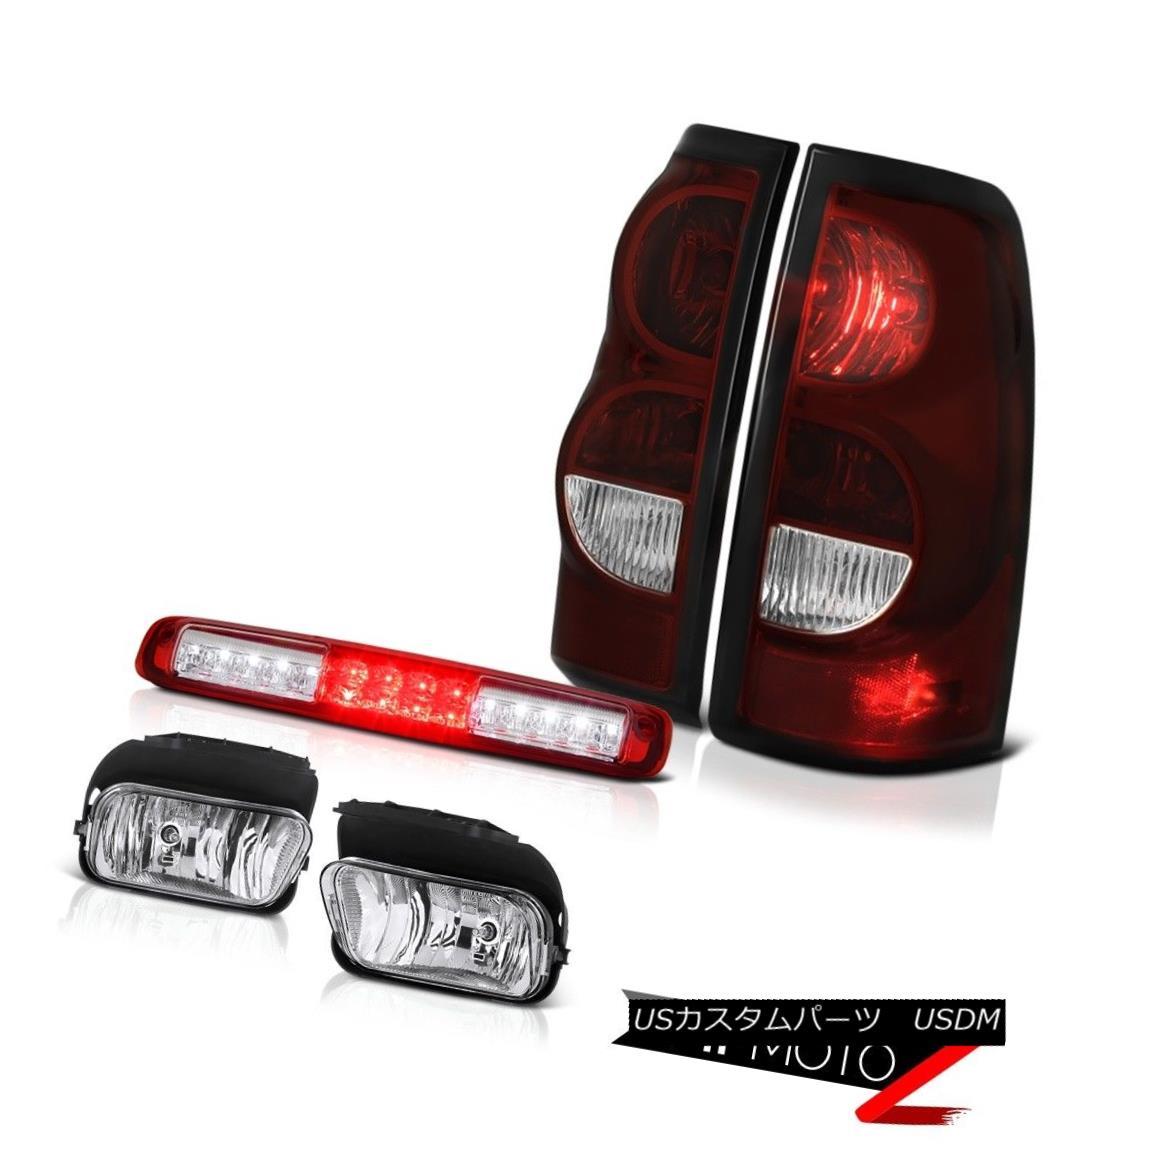 テールライト 2003-2006 Silverado 2500Hd Roof Brake Light Fog Lamps Smoked Red Taillights LED 2003-2006シルバラード2500HdルーフブレーキライトフォグランプスモークレッドティアライトLED